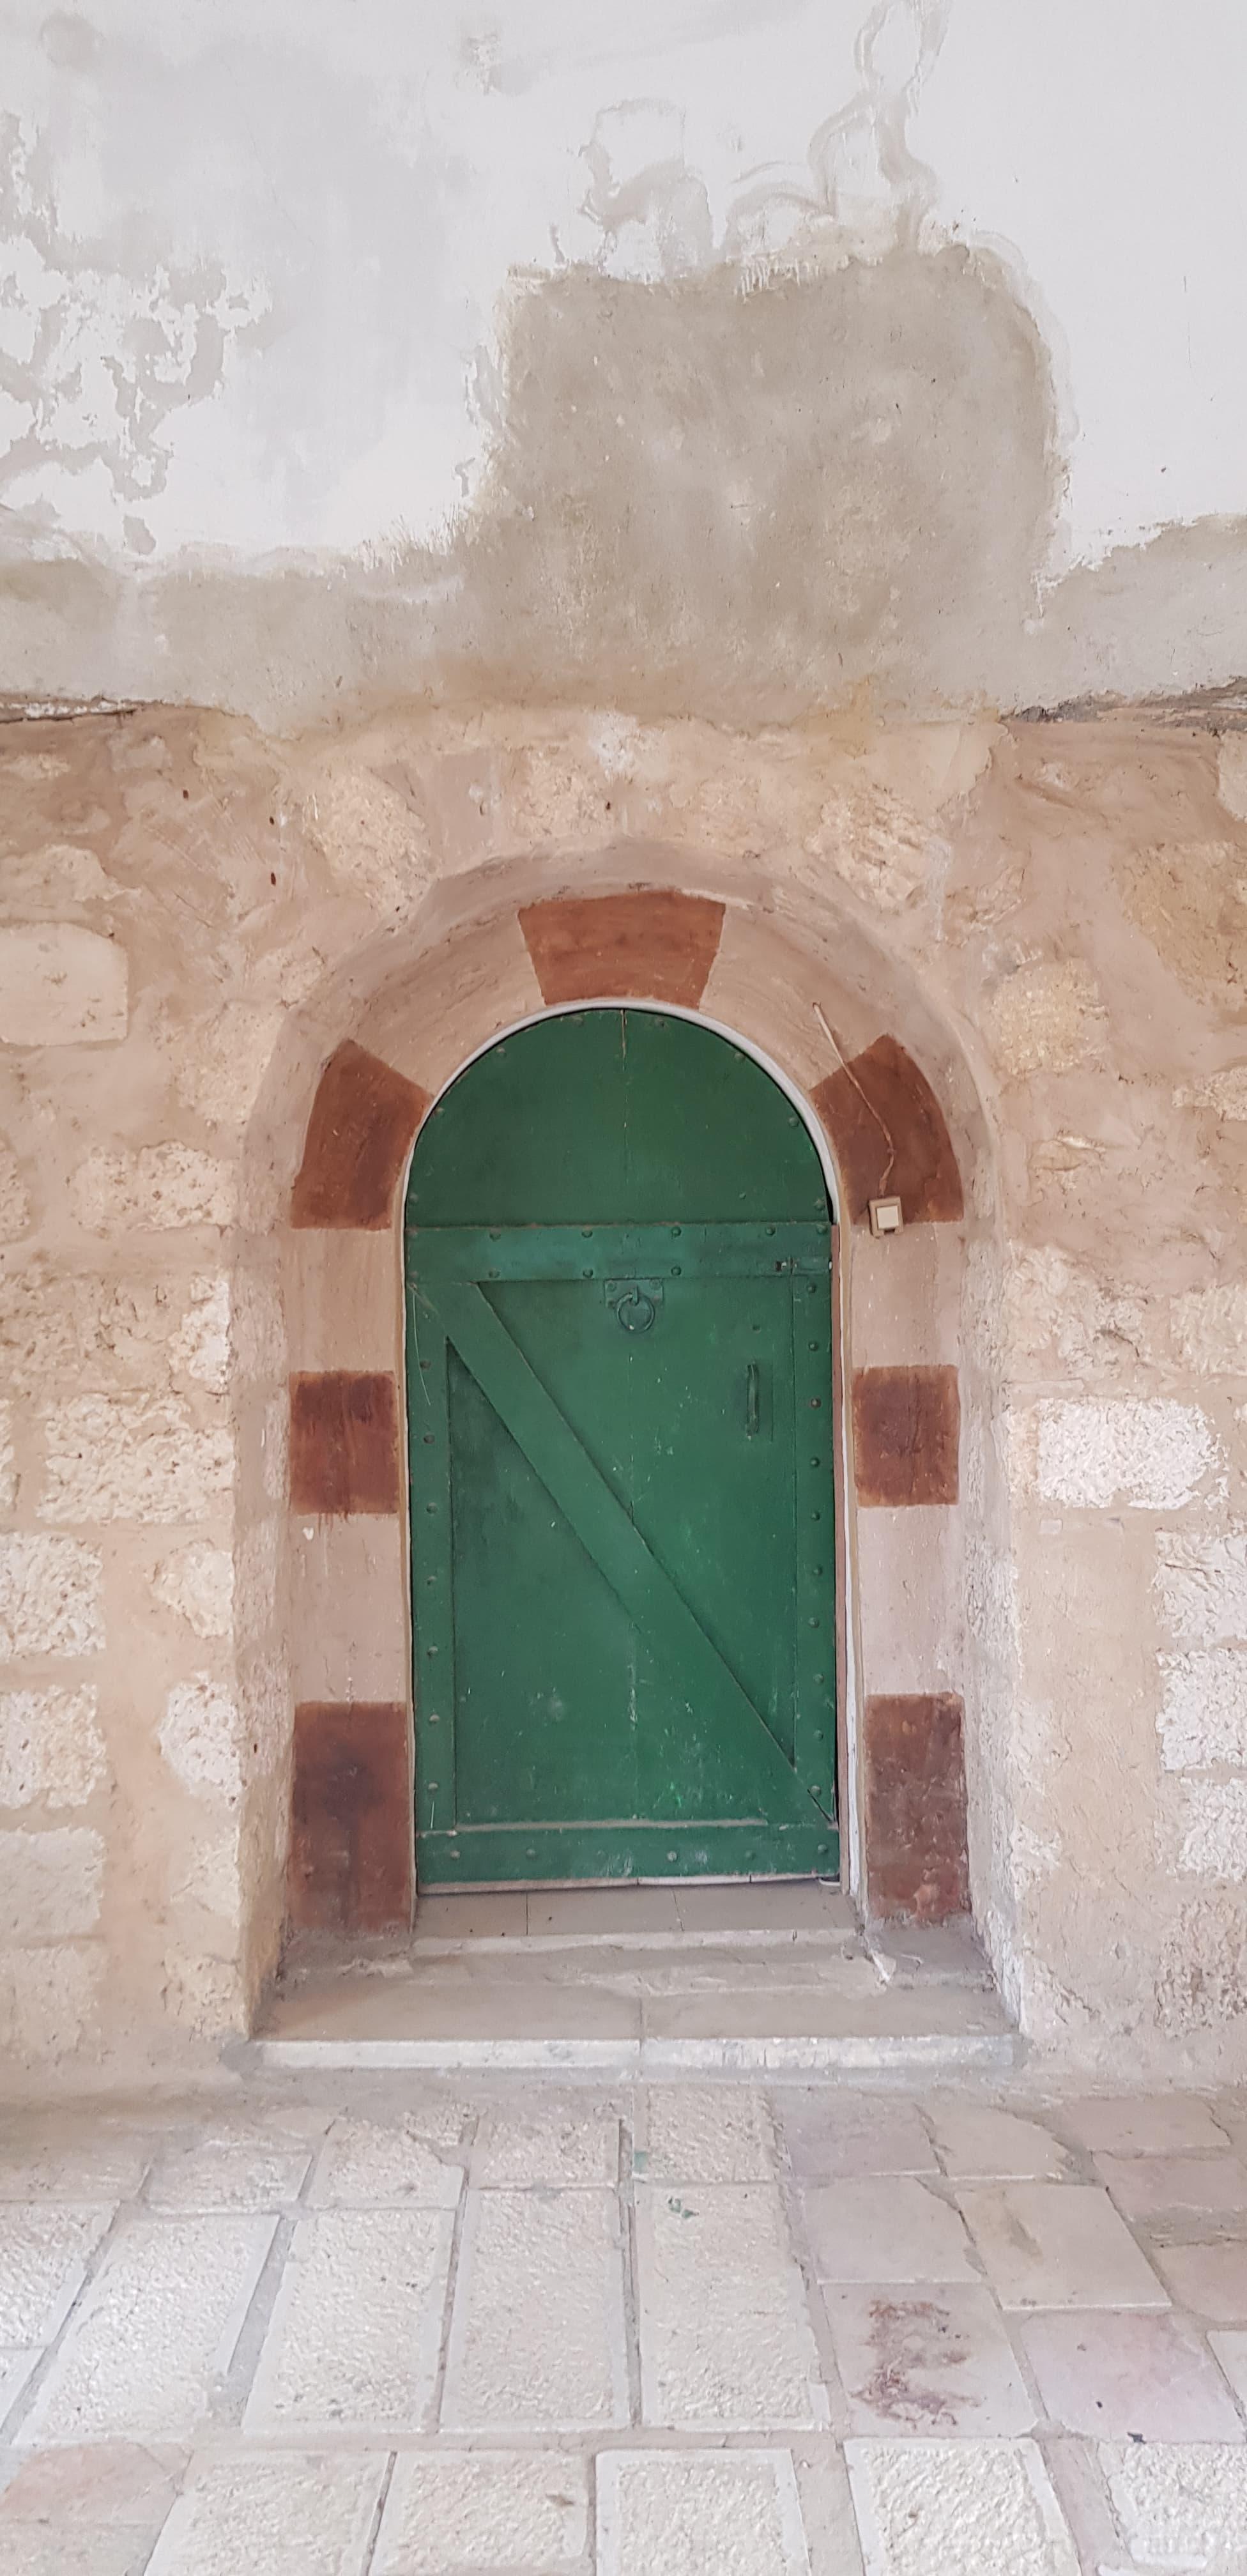 مضافة أبو خالد... الحجارة التي تغلبت على النكبة